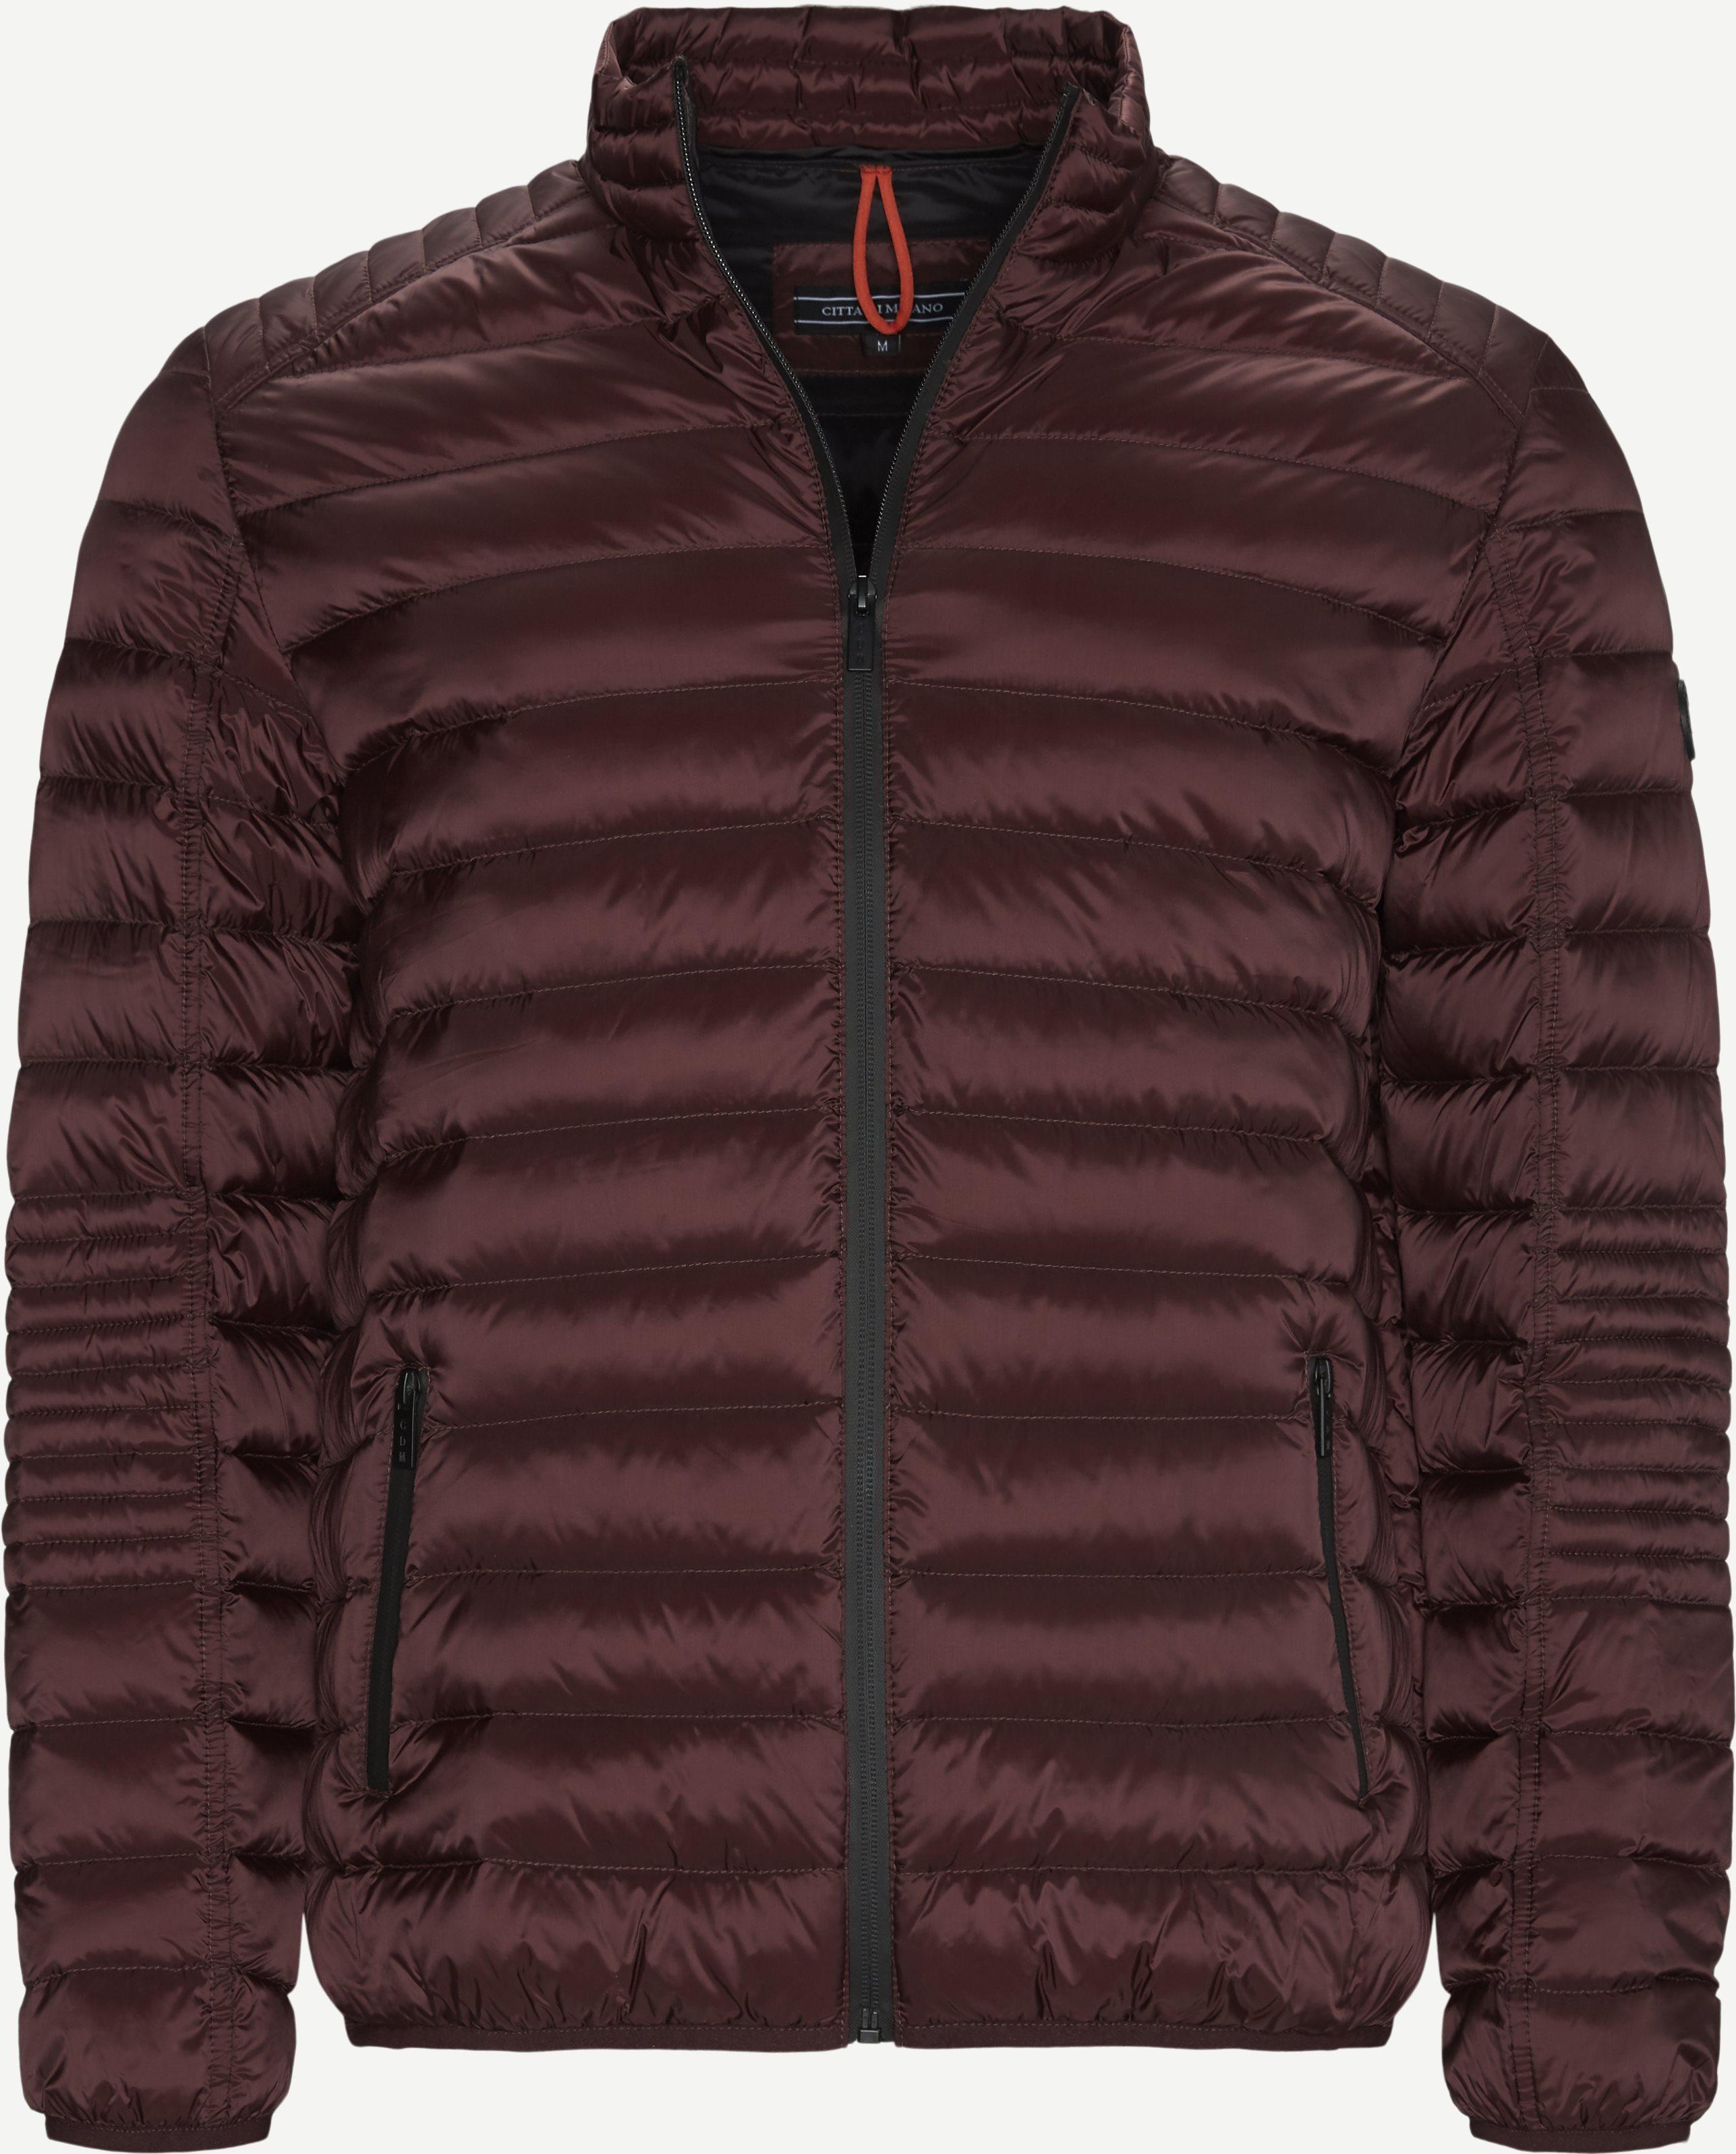 Jackets - Regular - Bordeaux